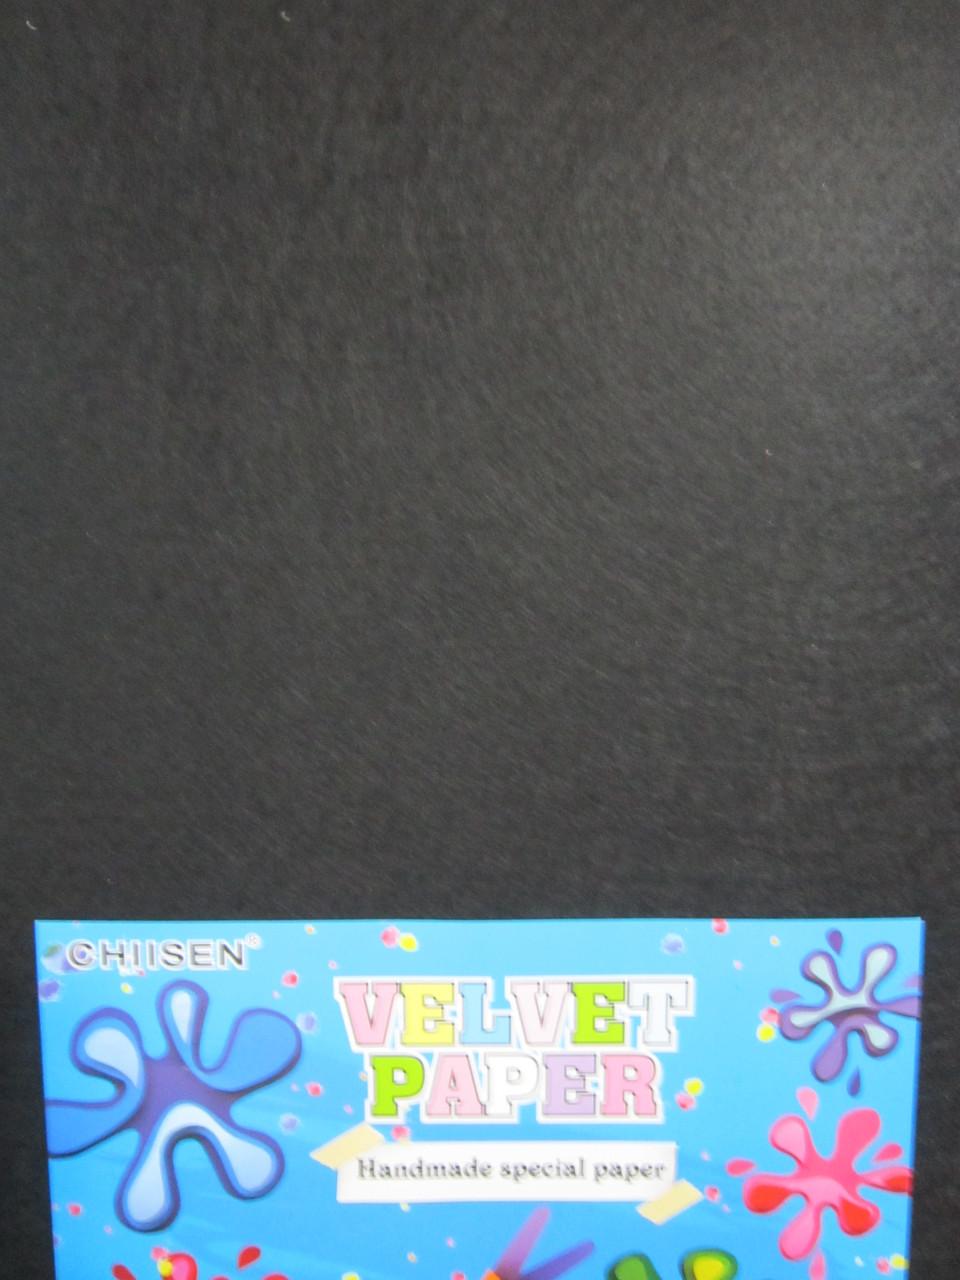 Фетр (1 лист) черный,30х40 см, толщина 1 мм,Алматы